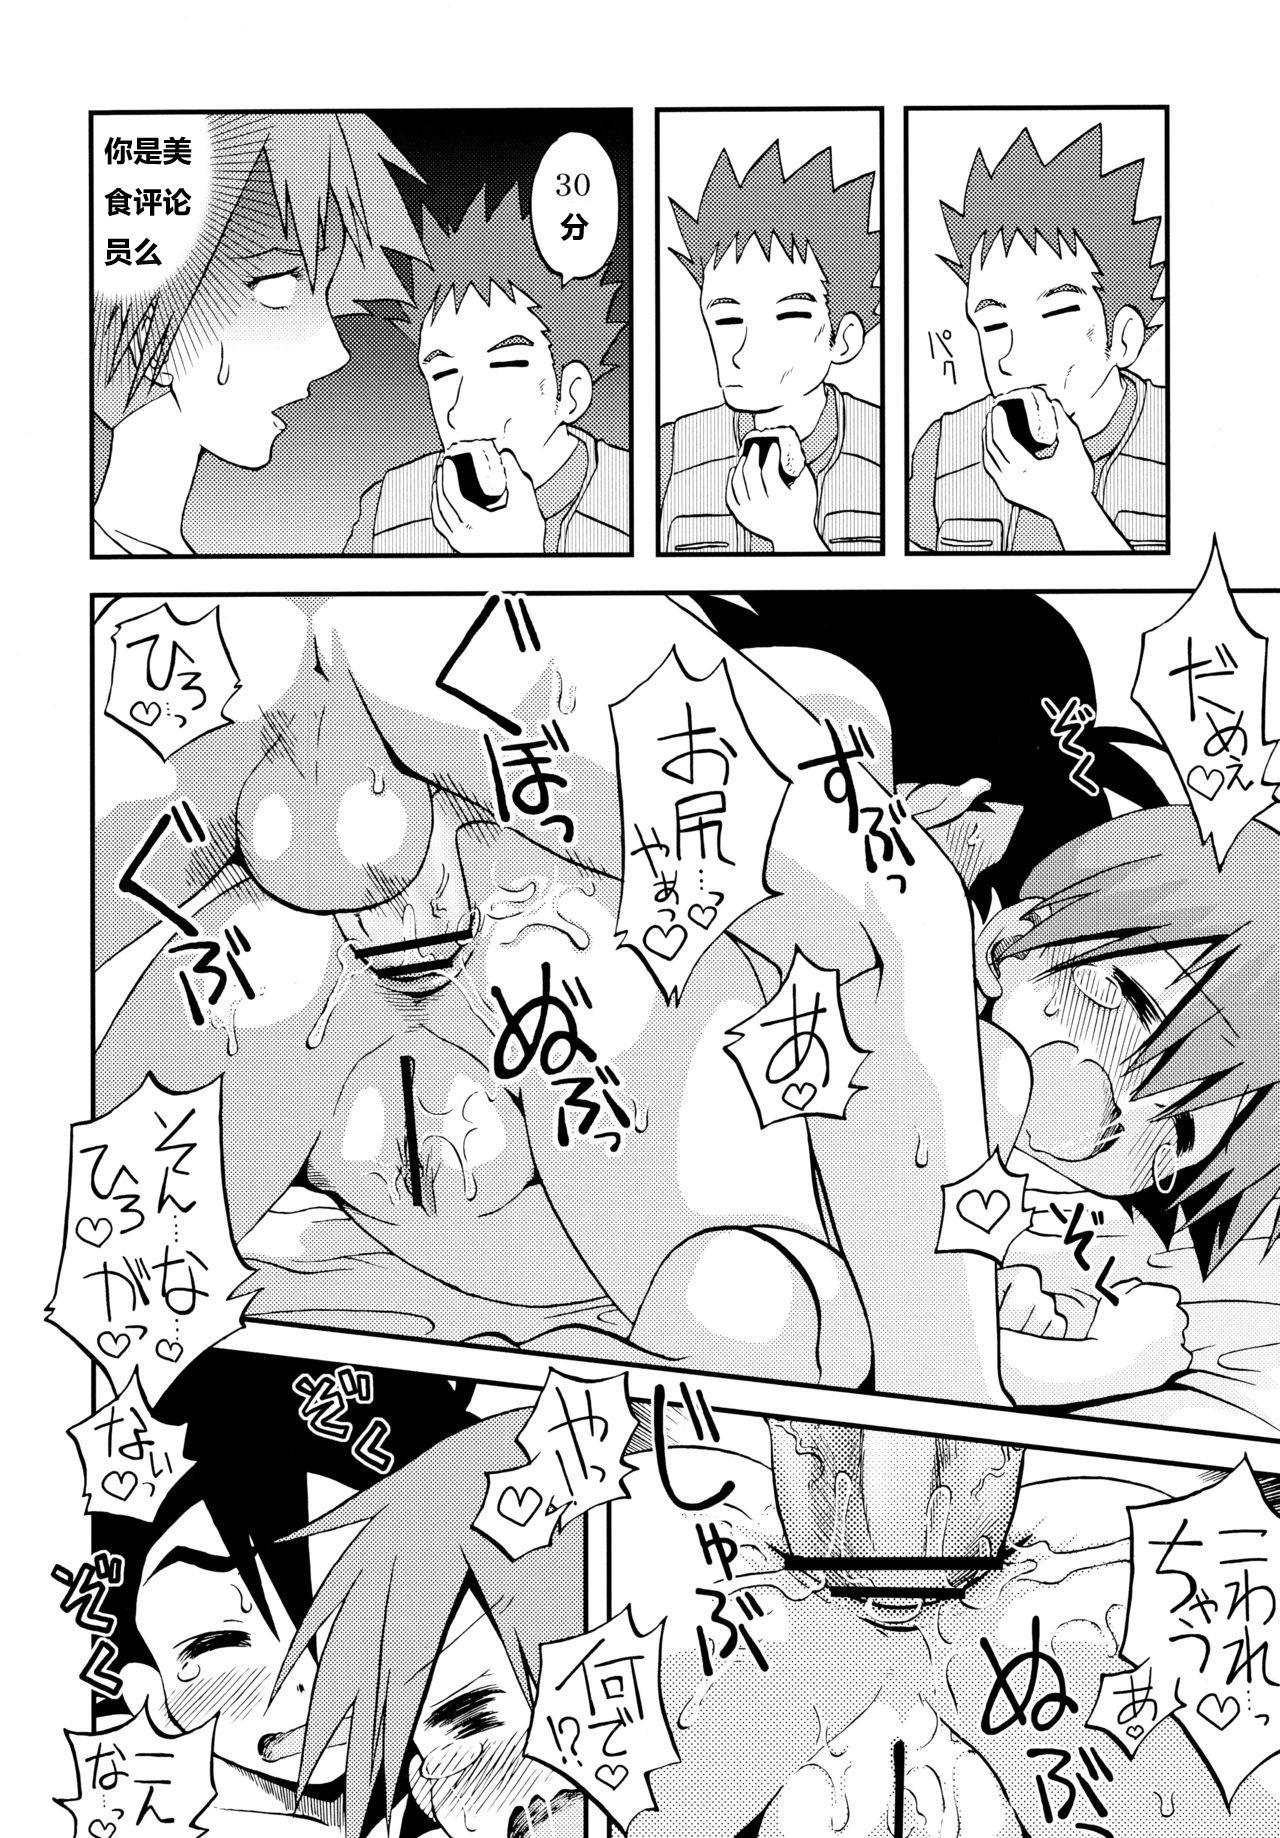 Kieteshimai souna Yume kotobanisureba 16